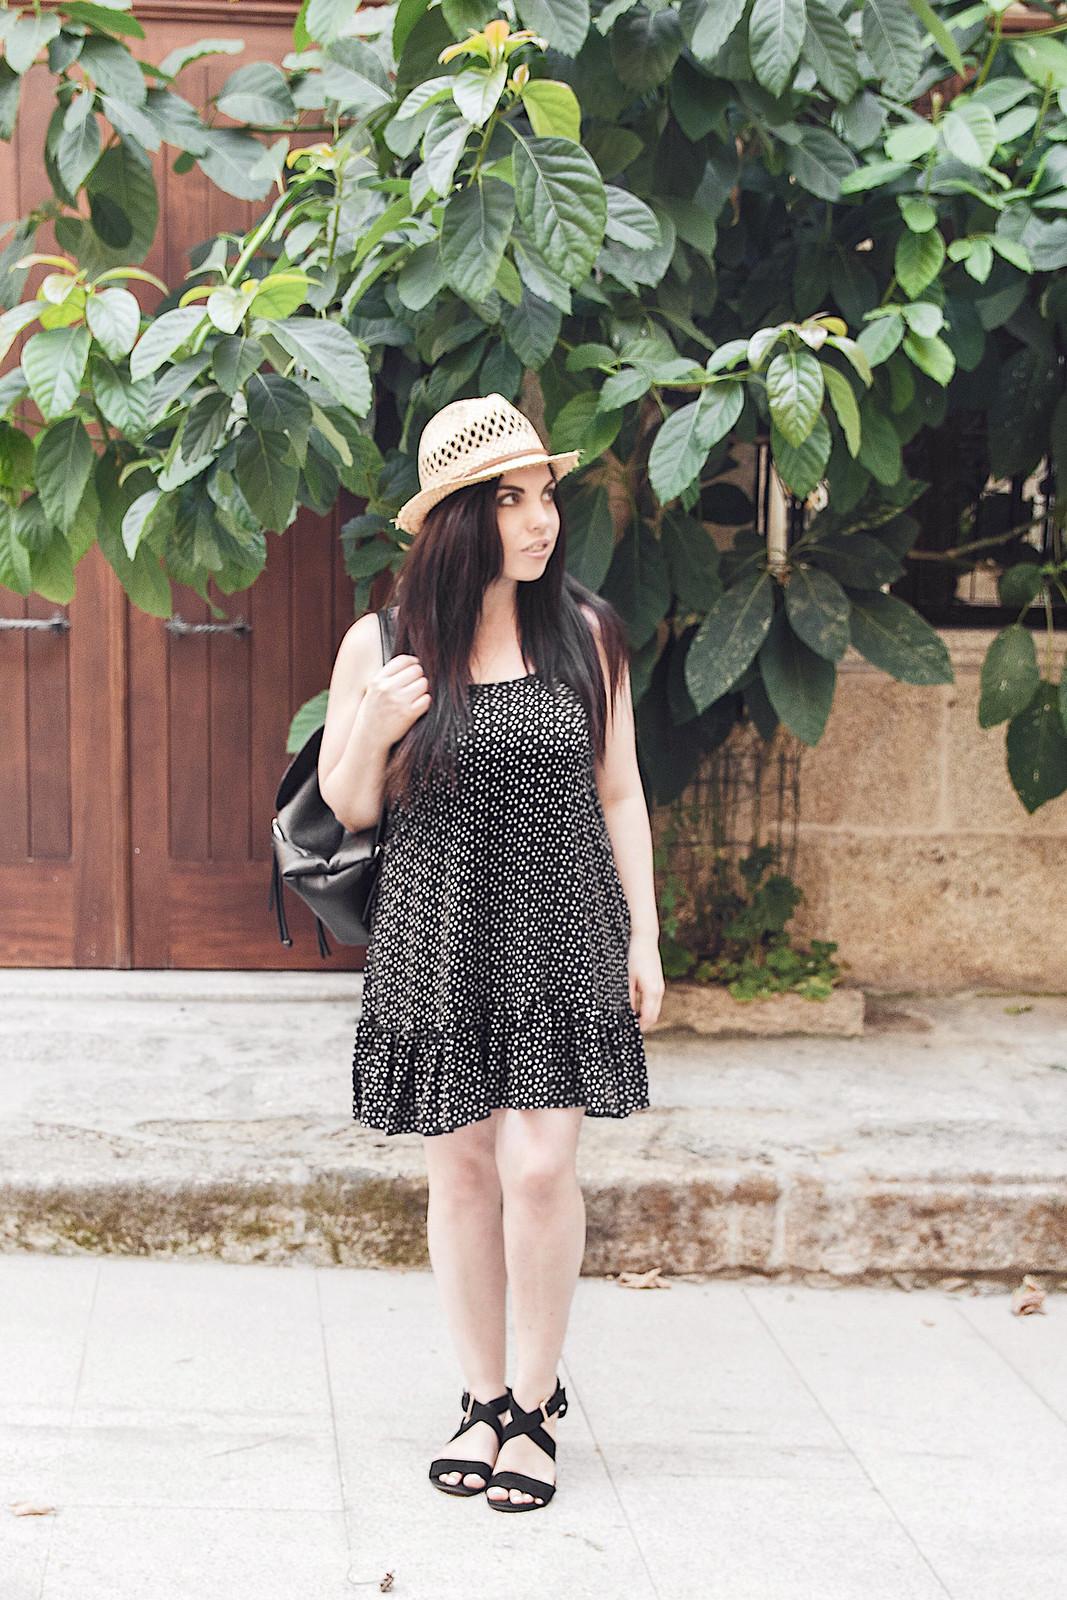 Cómo escoger un vestido estampado según tu figura